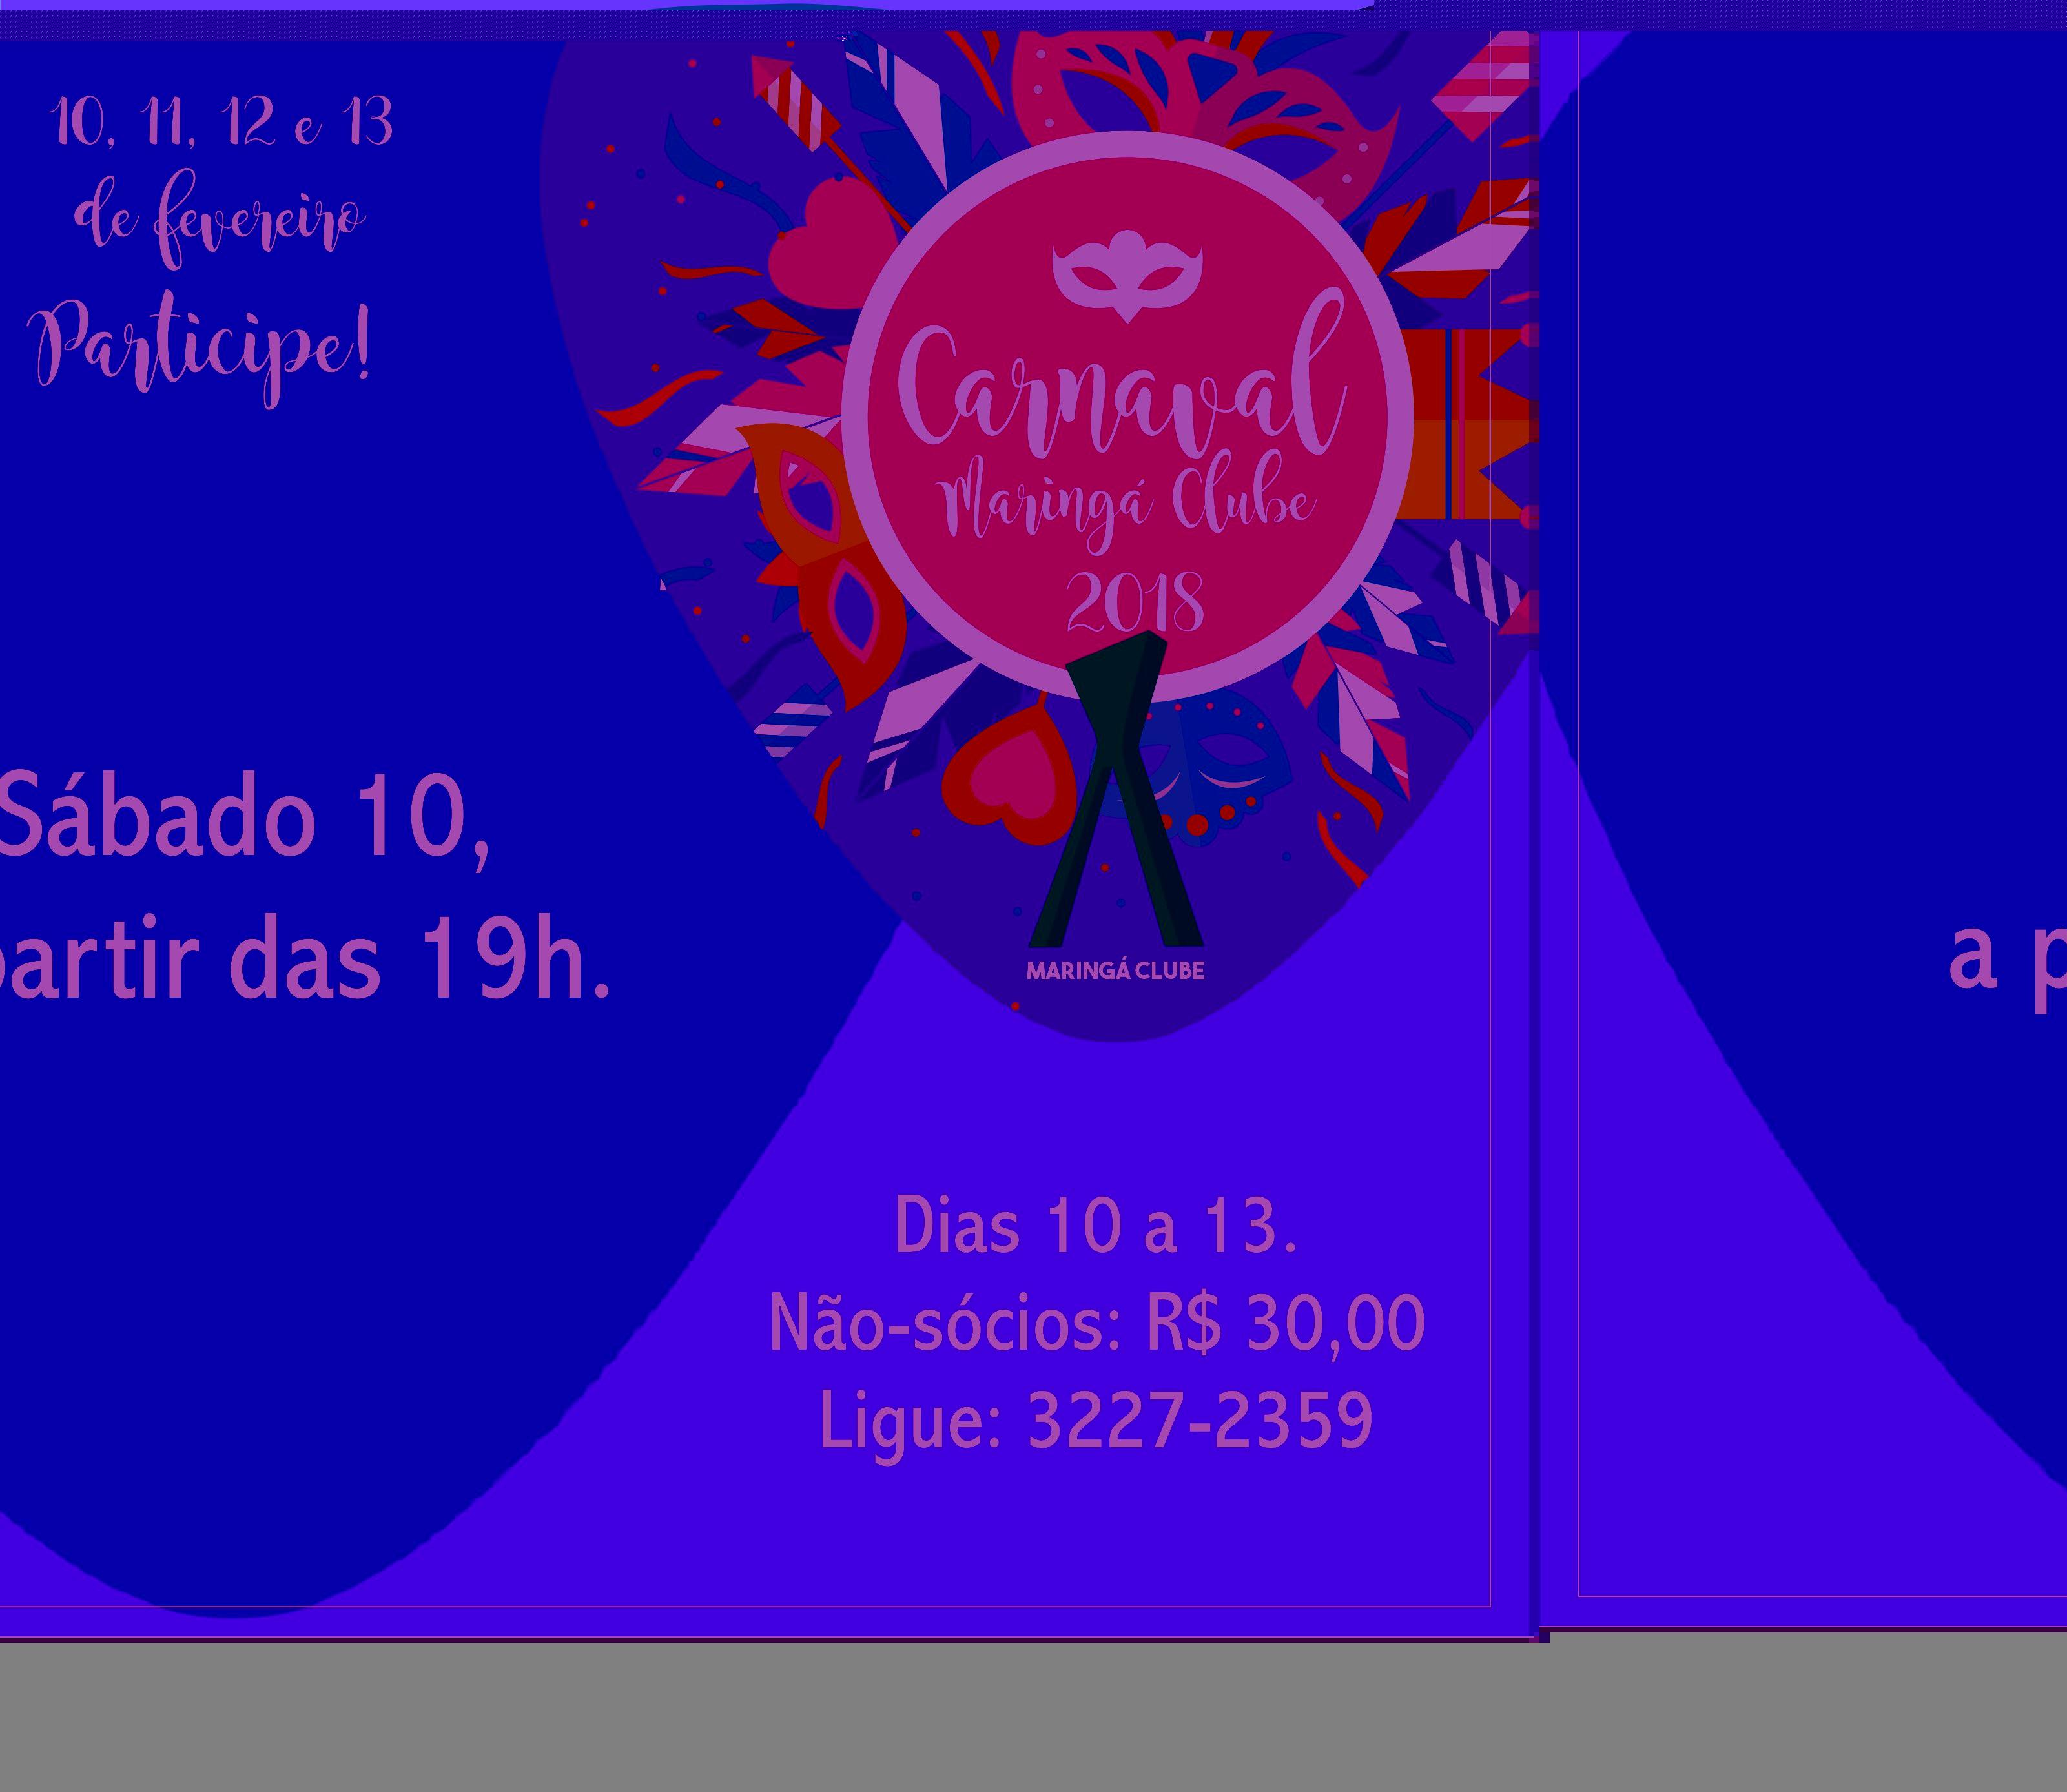 carnaval leque 5 sabado g